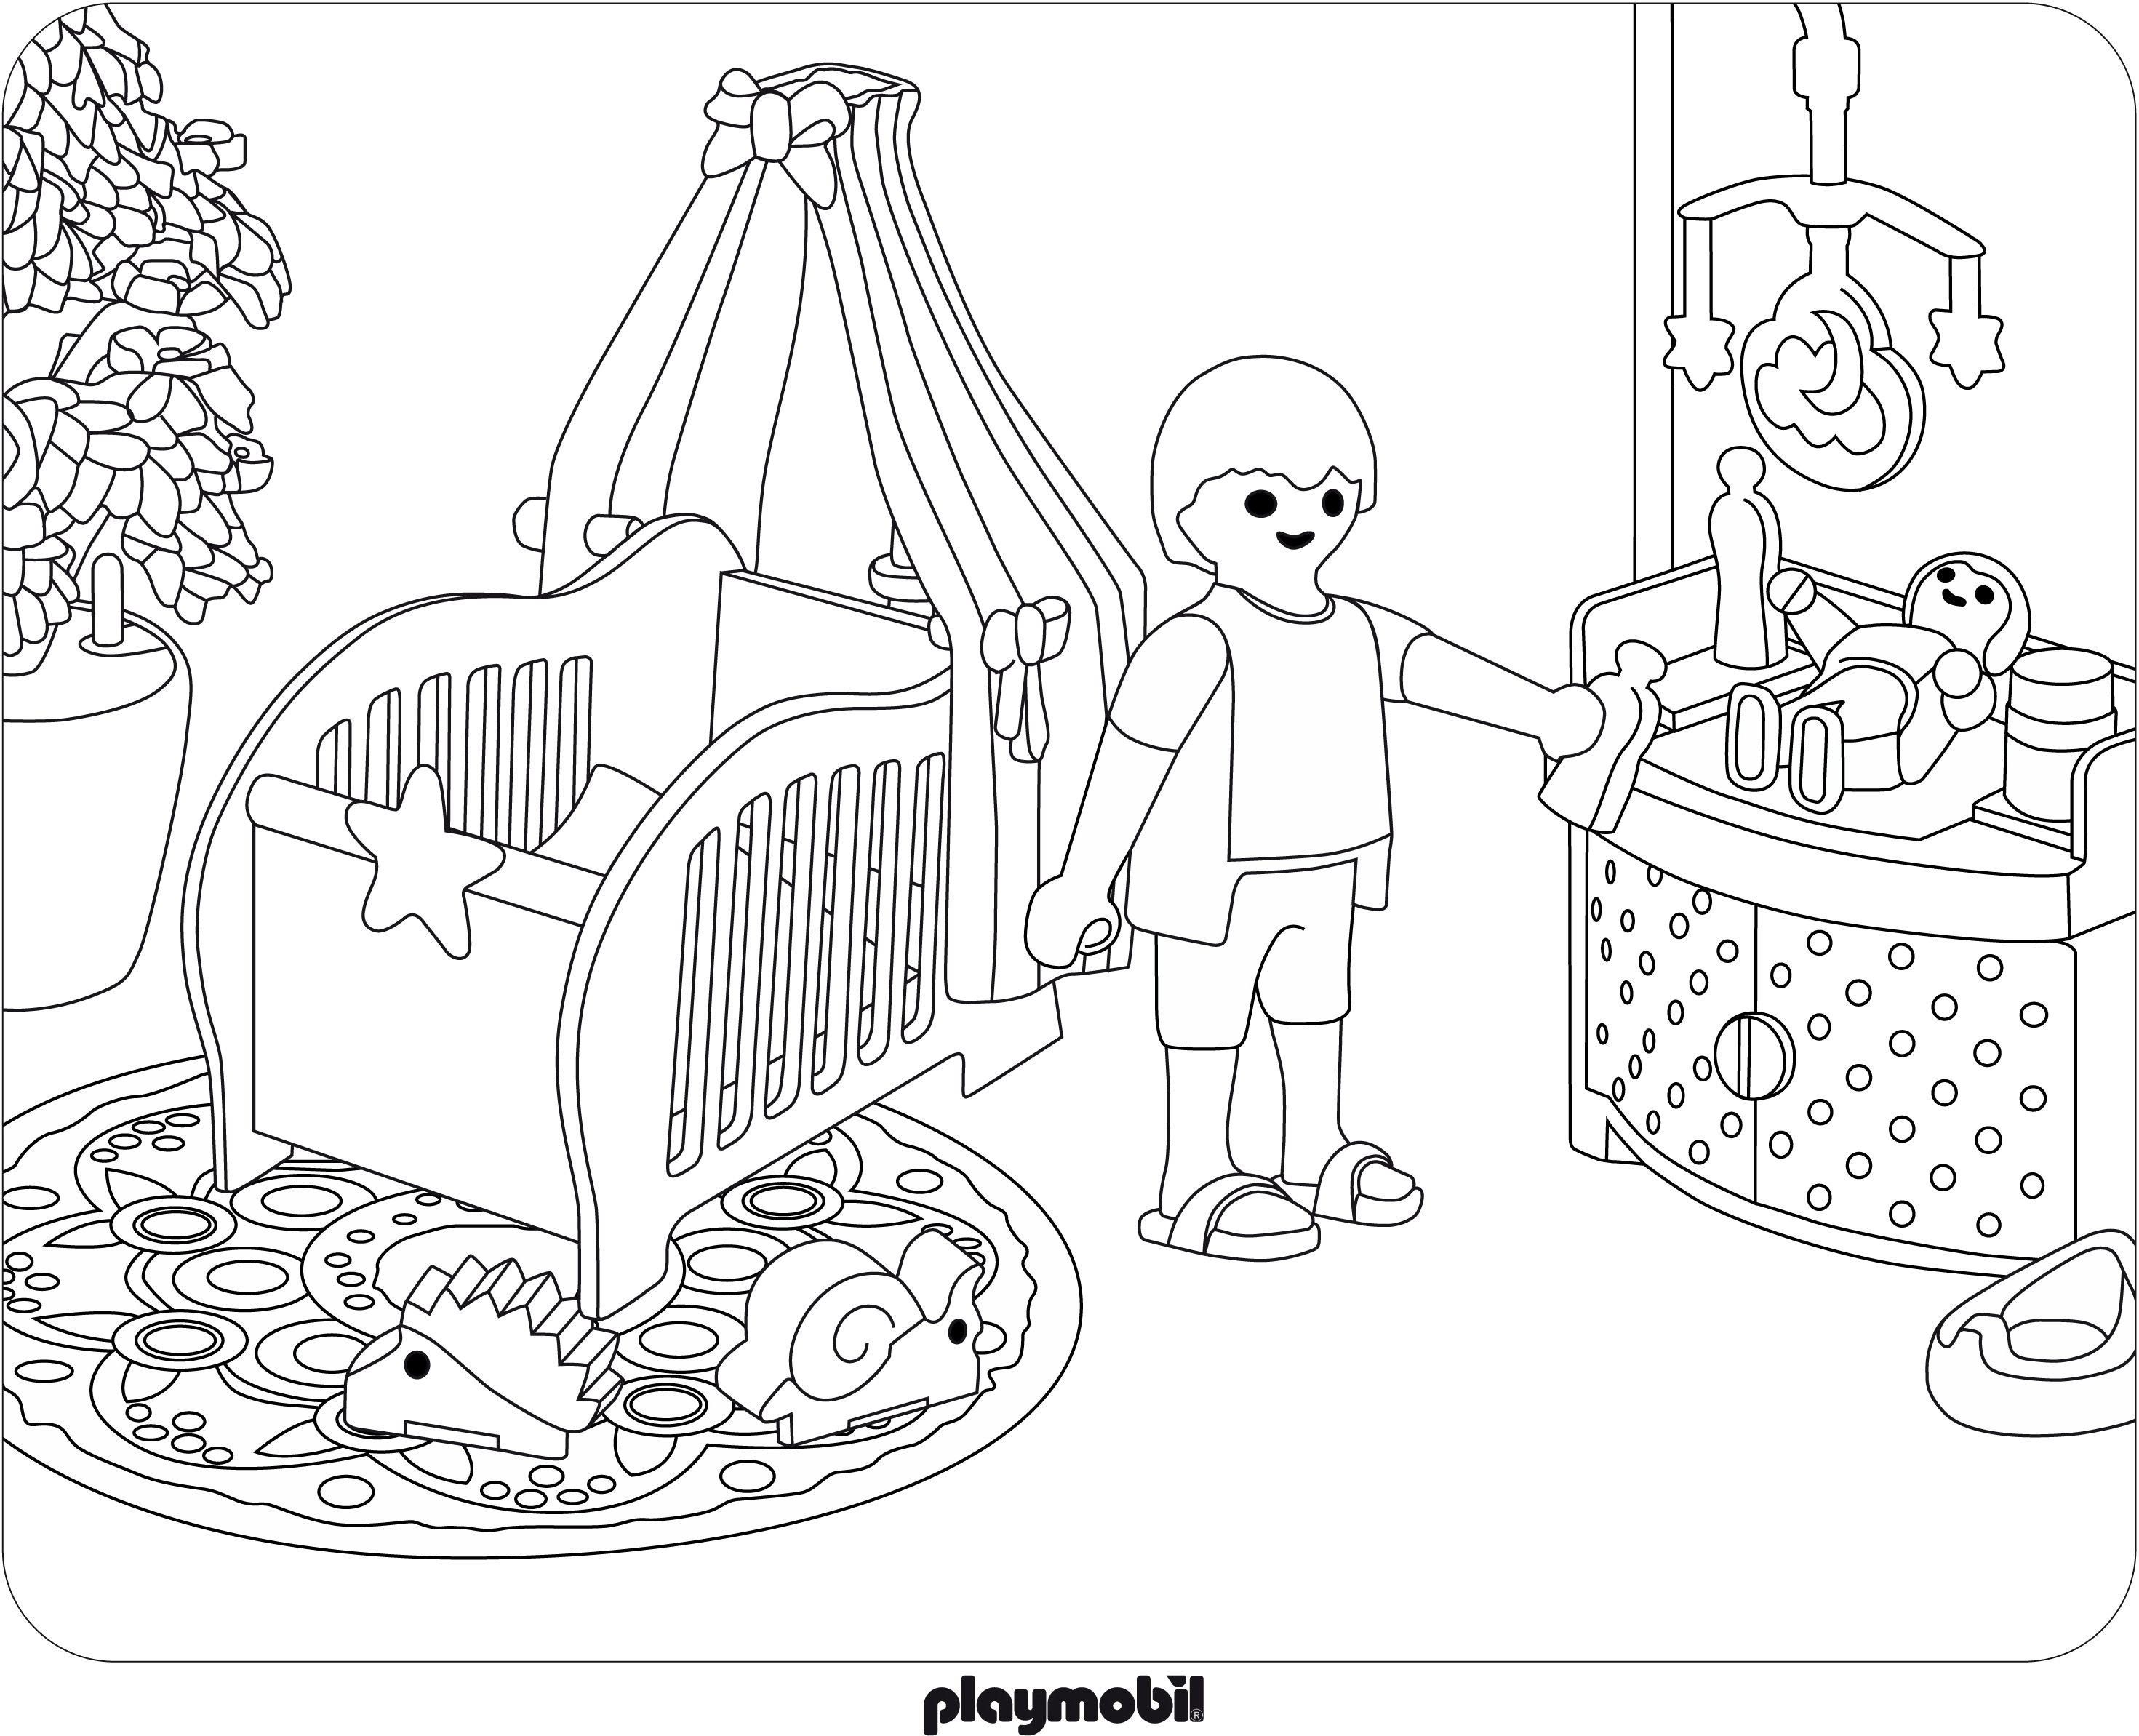 Coloriage playmobil jouet imprimer - Coloriage minnie jouet ...